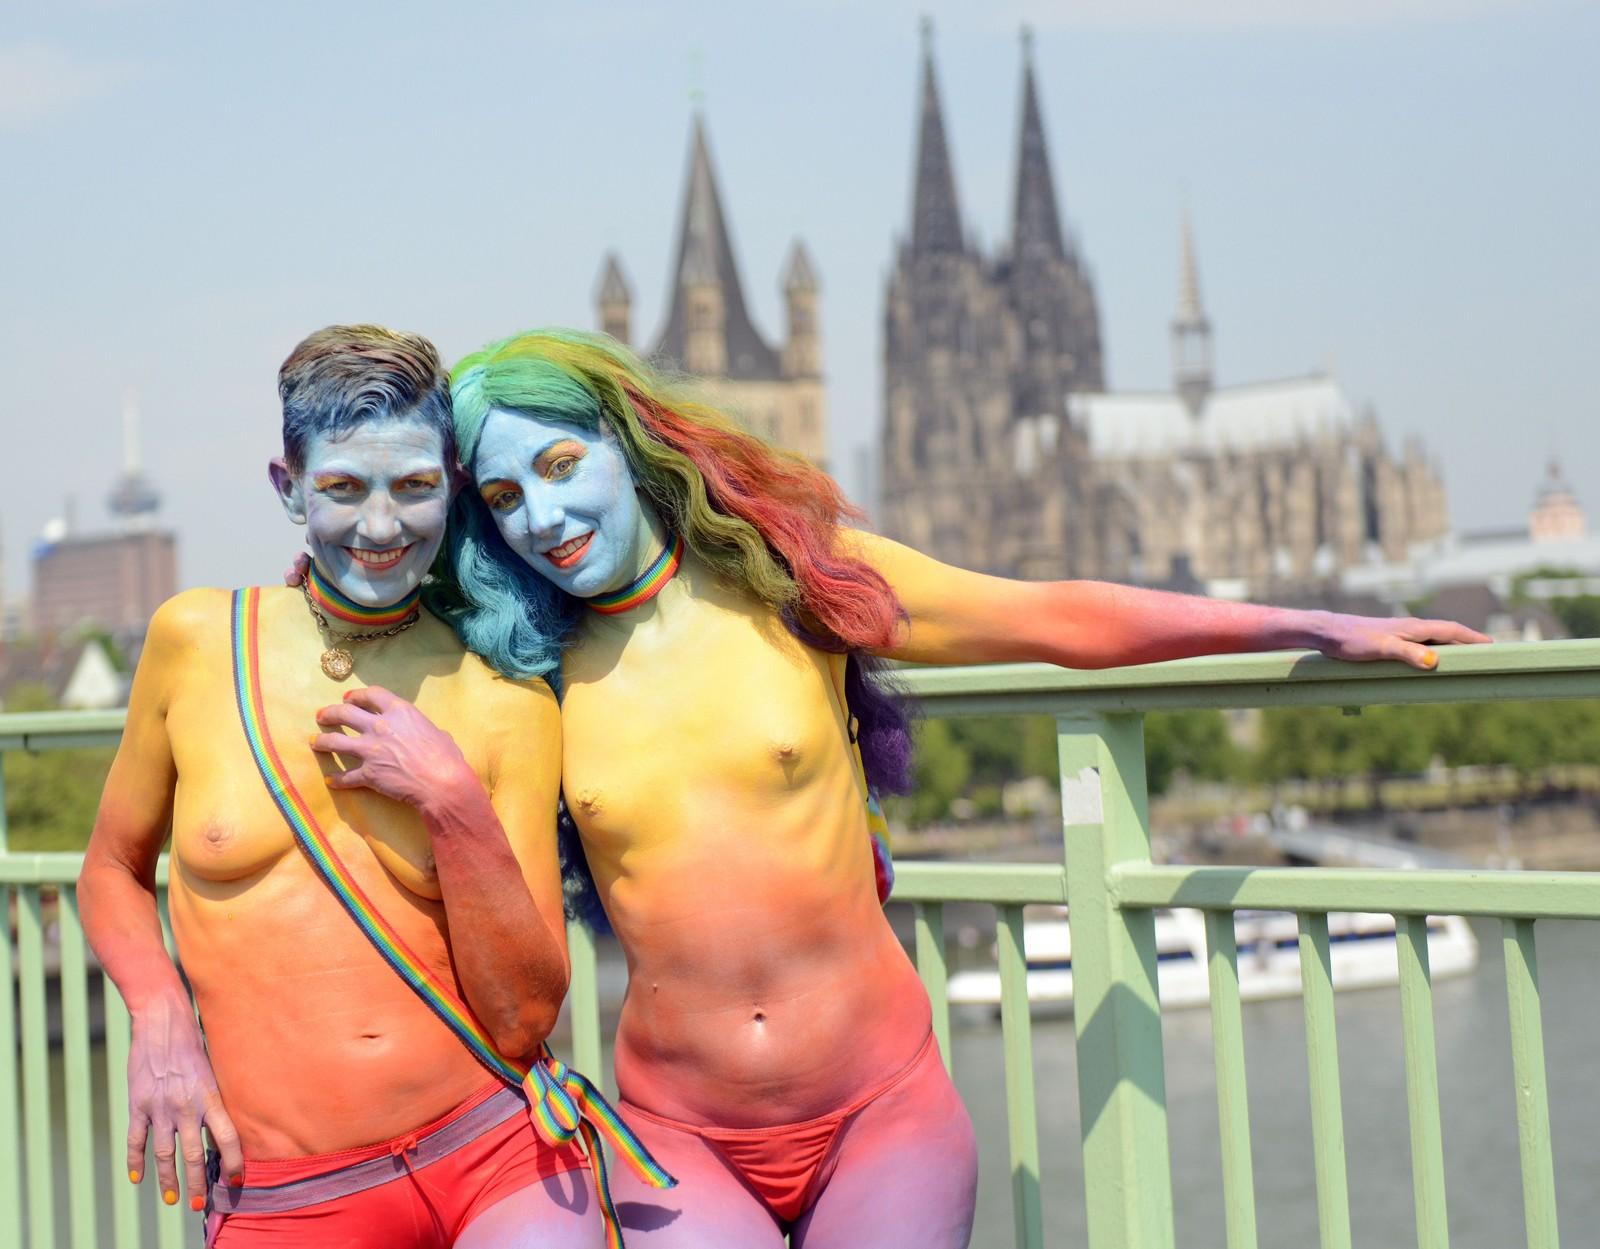 Fargerike og lettkledde deltagere i homoparaden i Köln i Tyskland 5. juli.